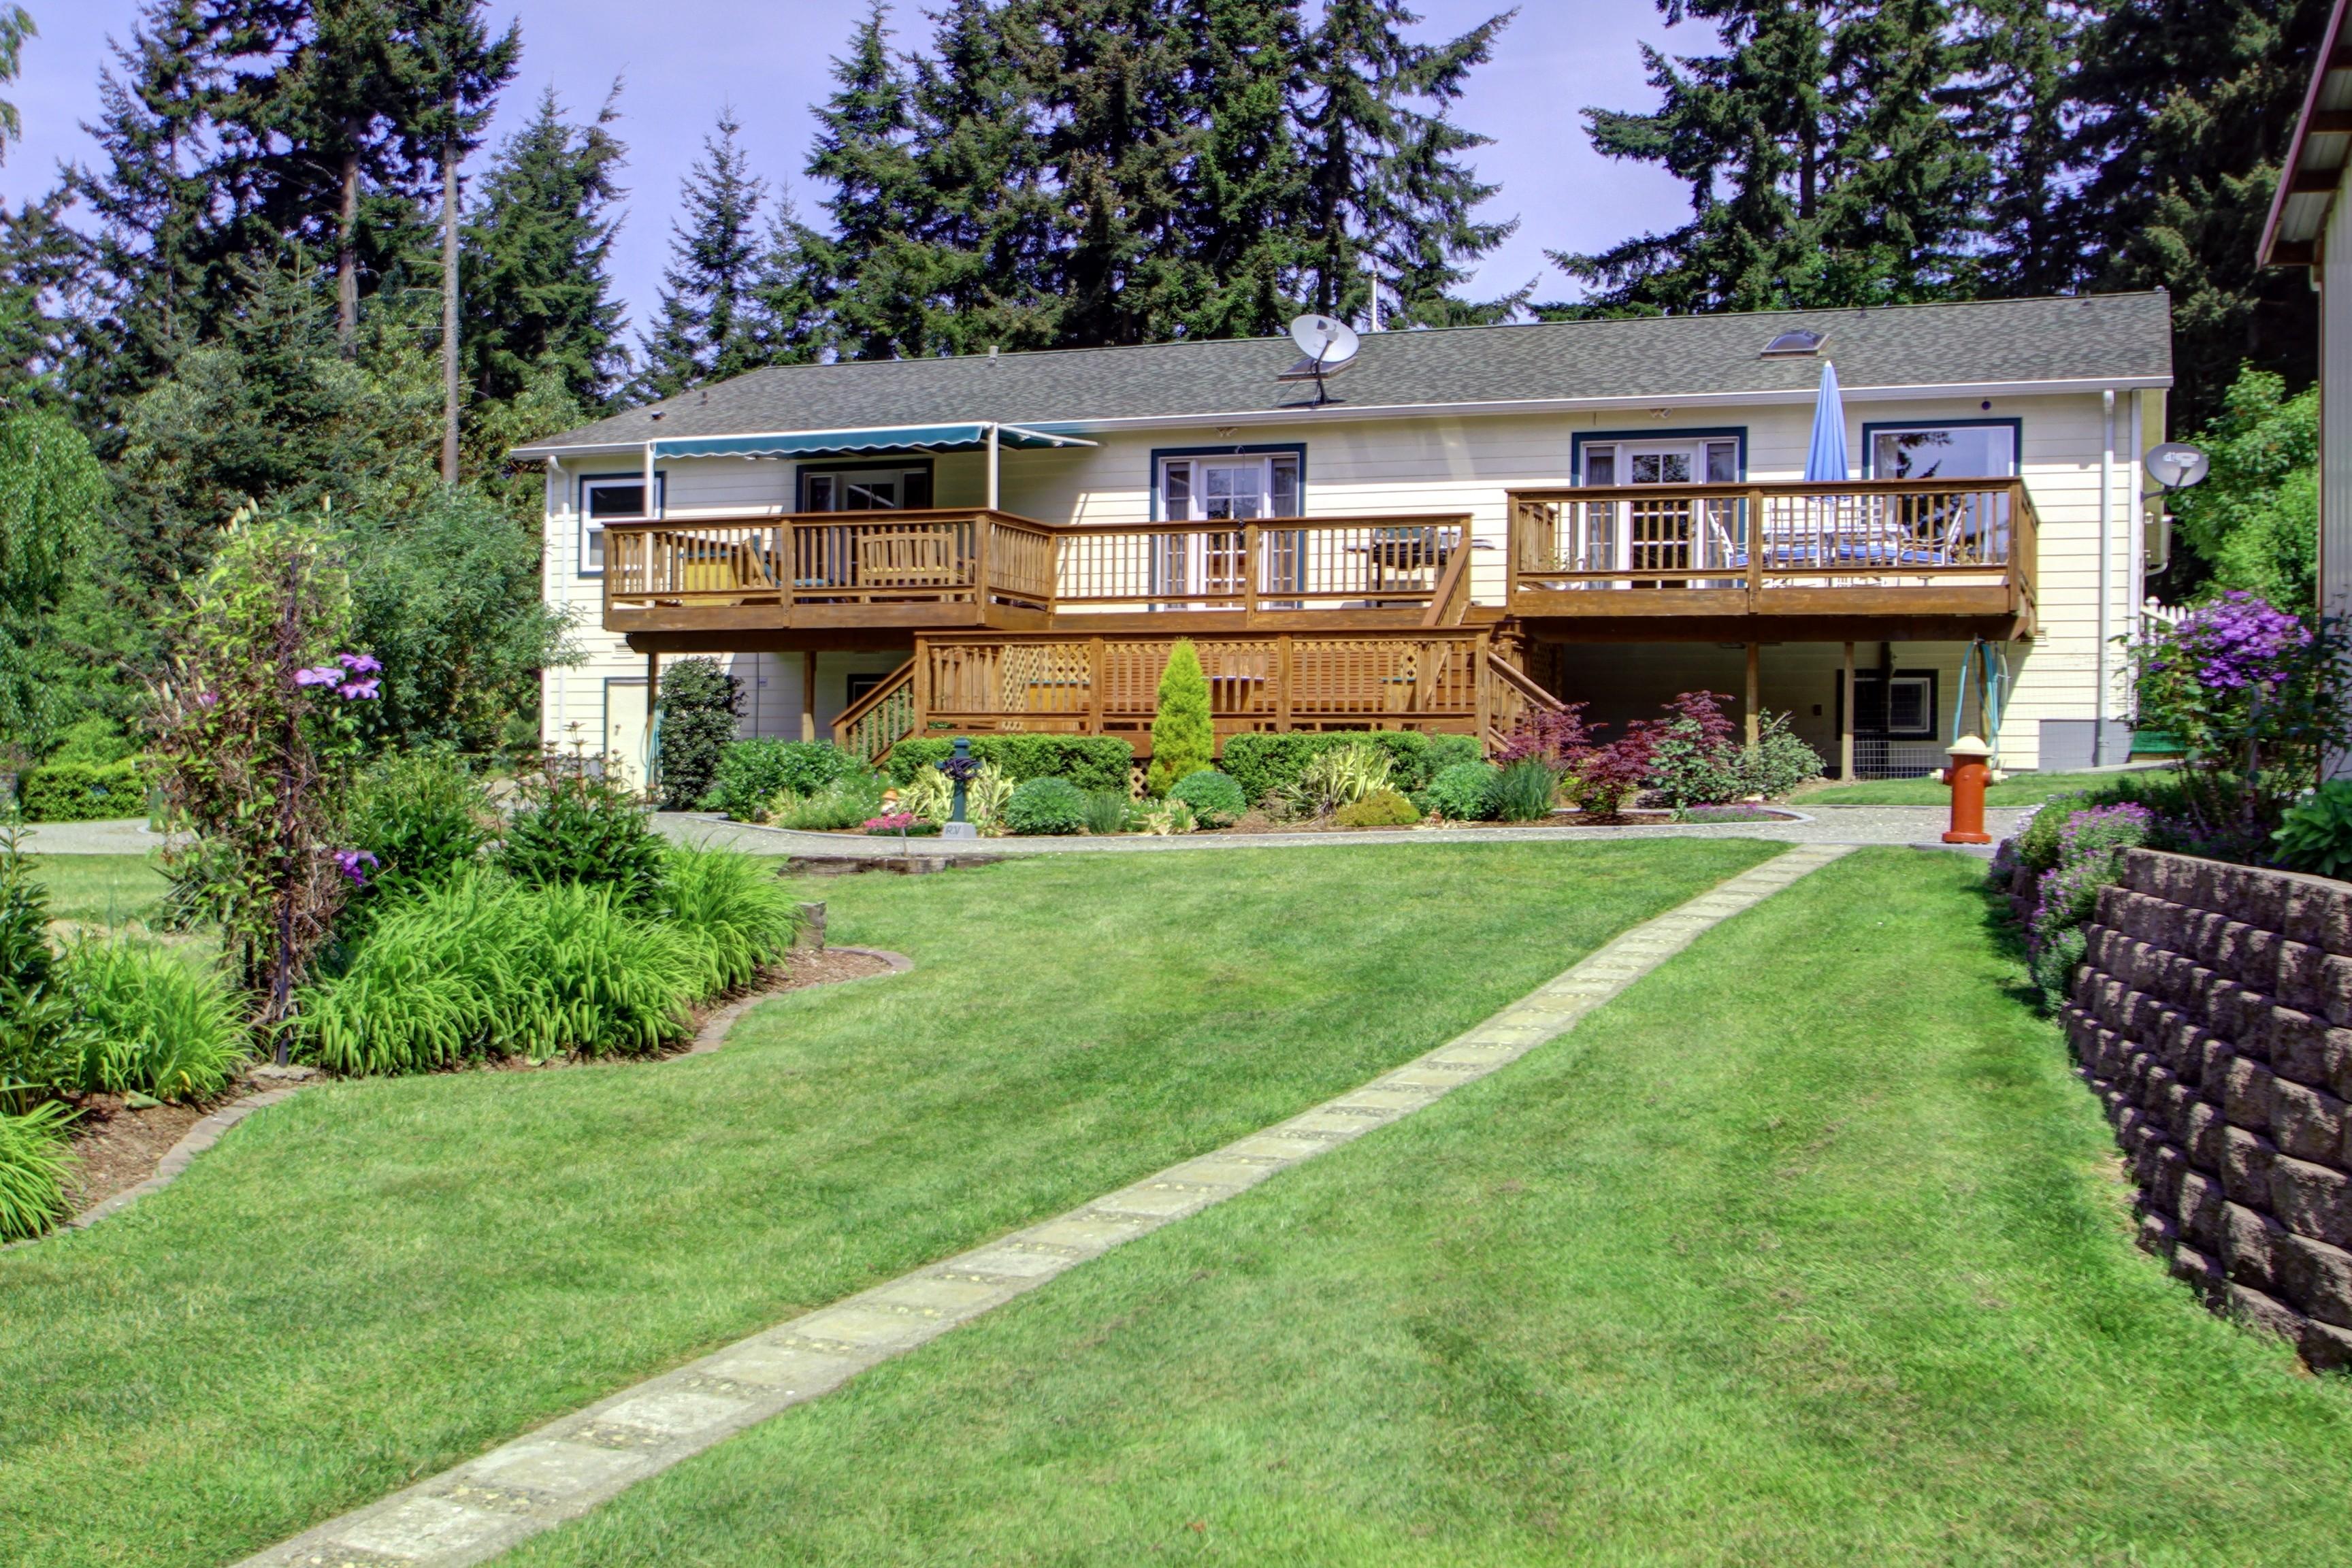 Maison unifamiliale pour l Vente à 288 Shumway Camano Island, Washington 98282 États-Unis